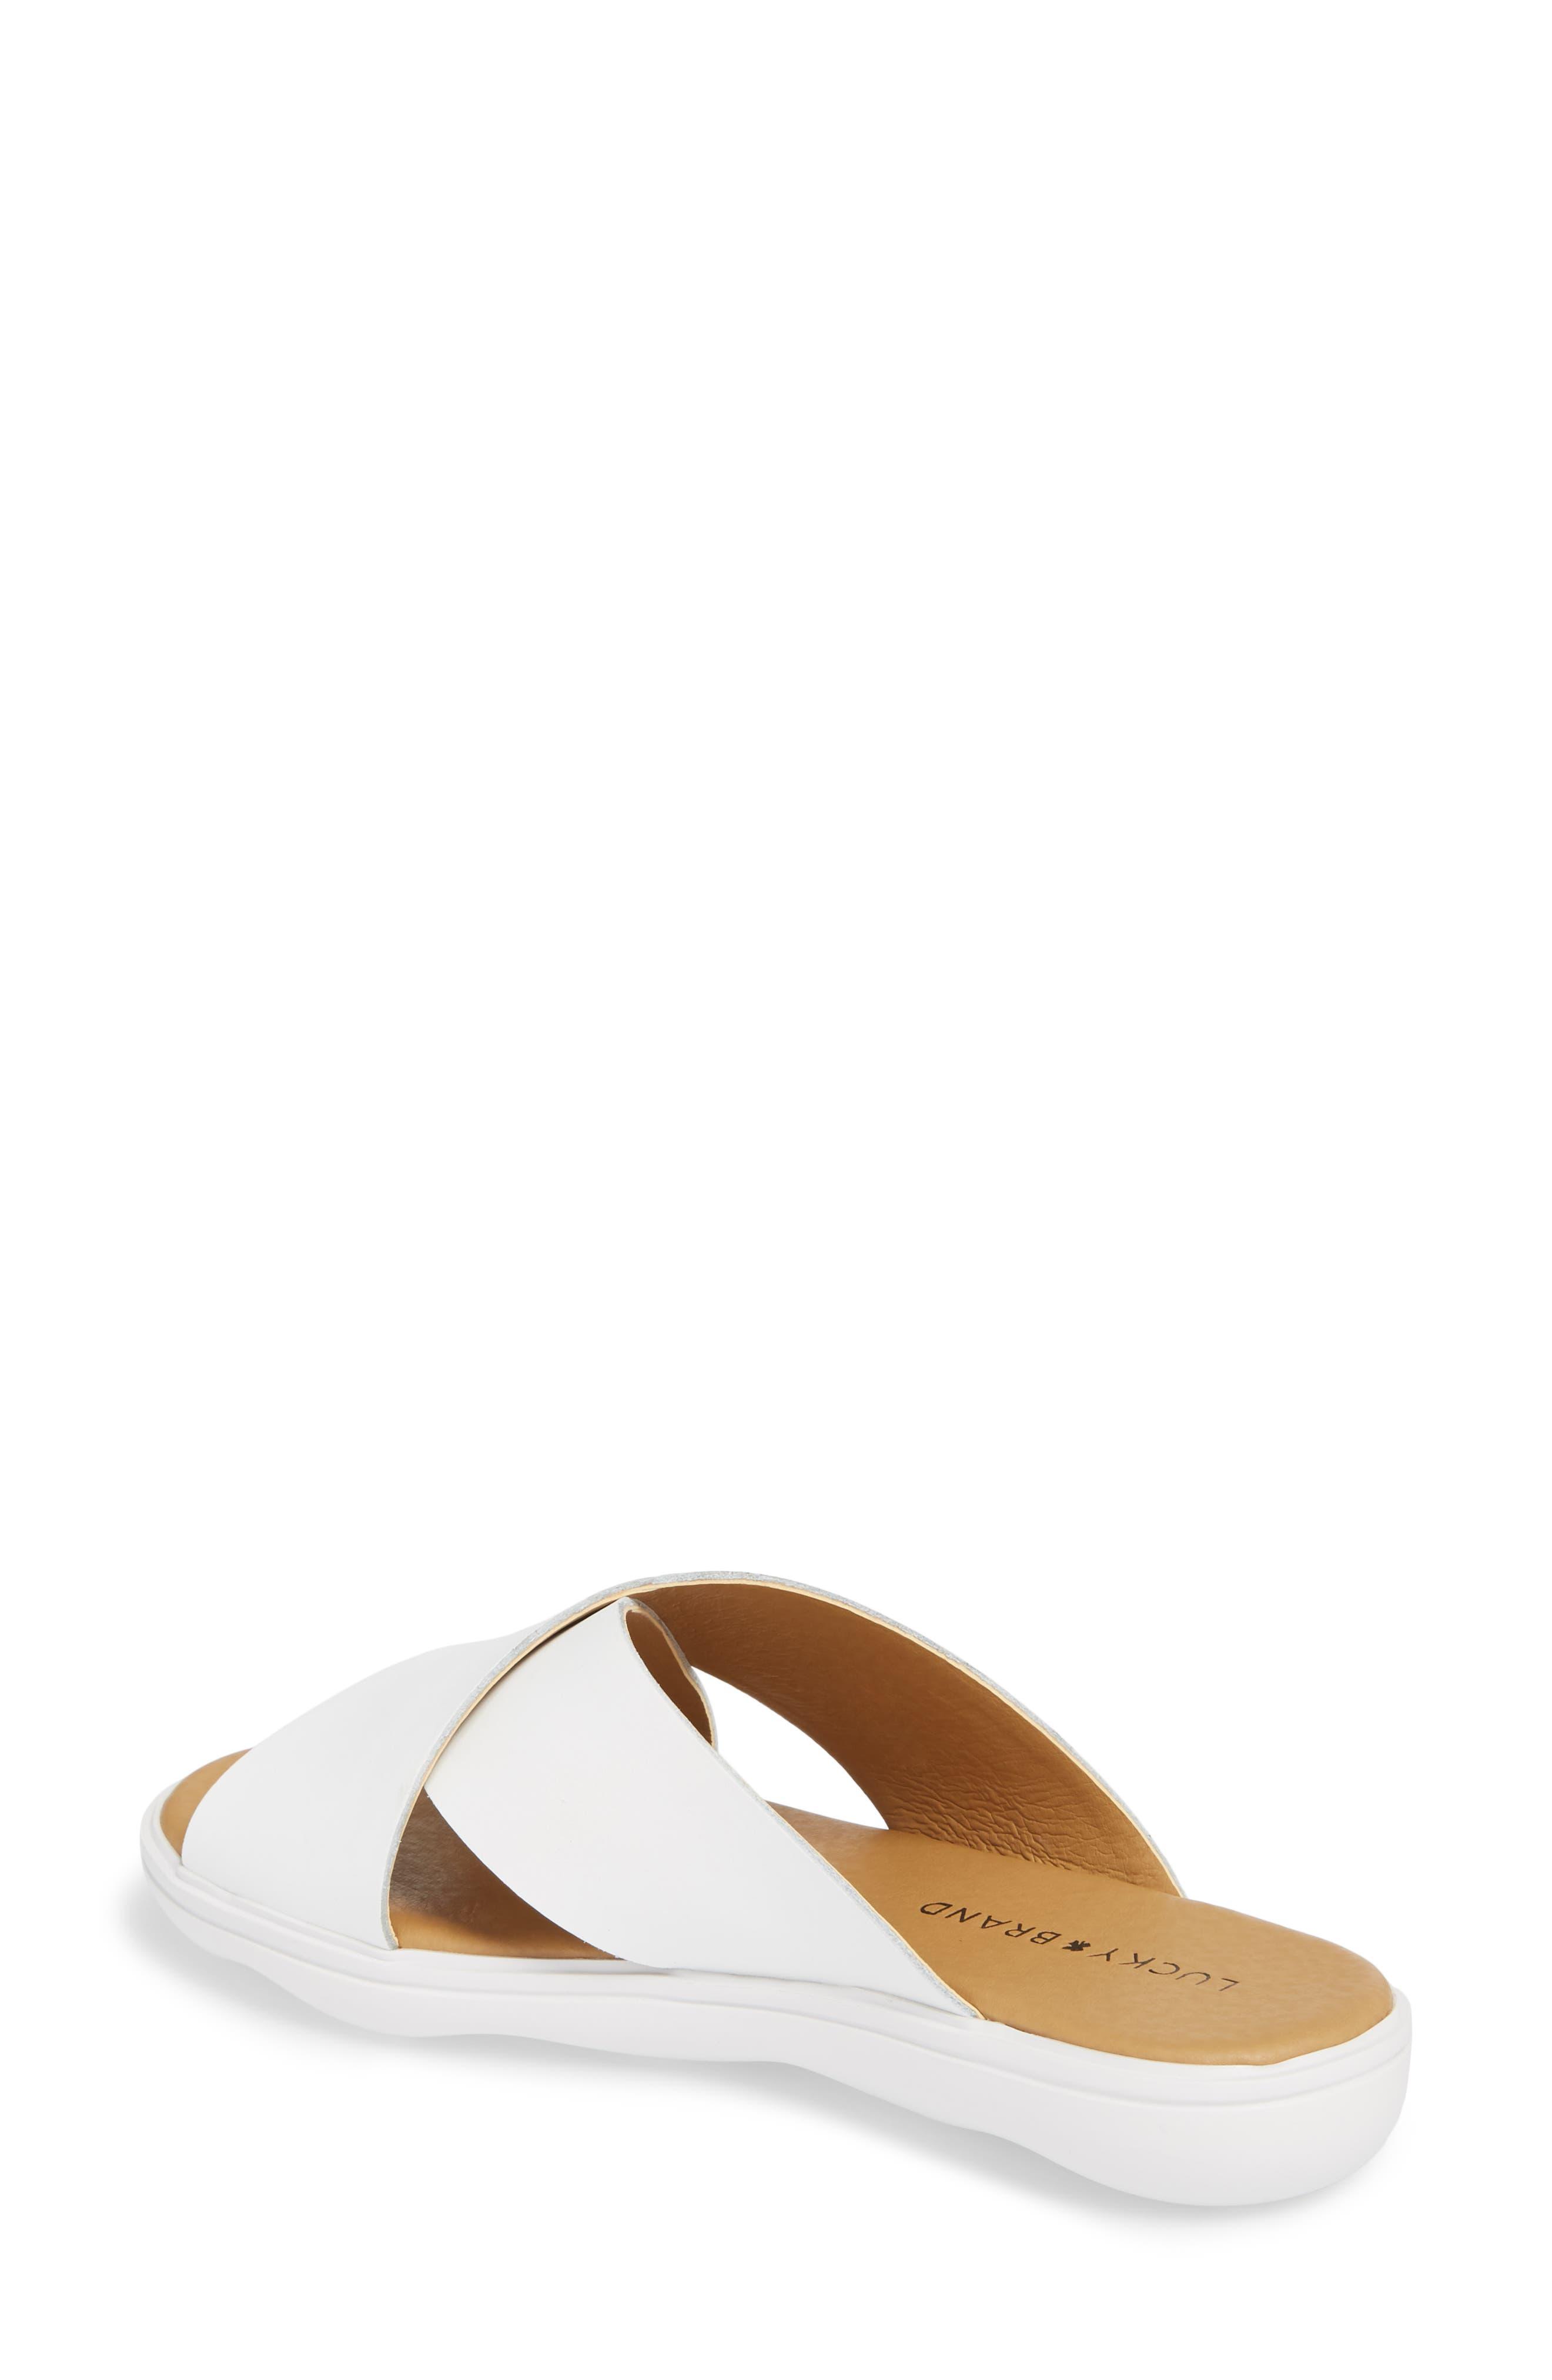 Mahlay Slide Sandal,                             Alternate thumbnail 2, color,                             Optic White Leather